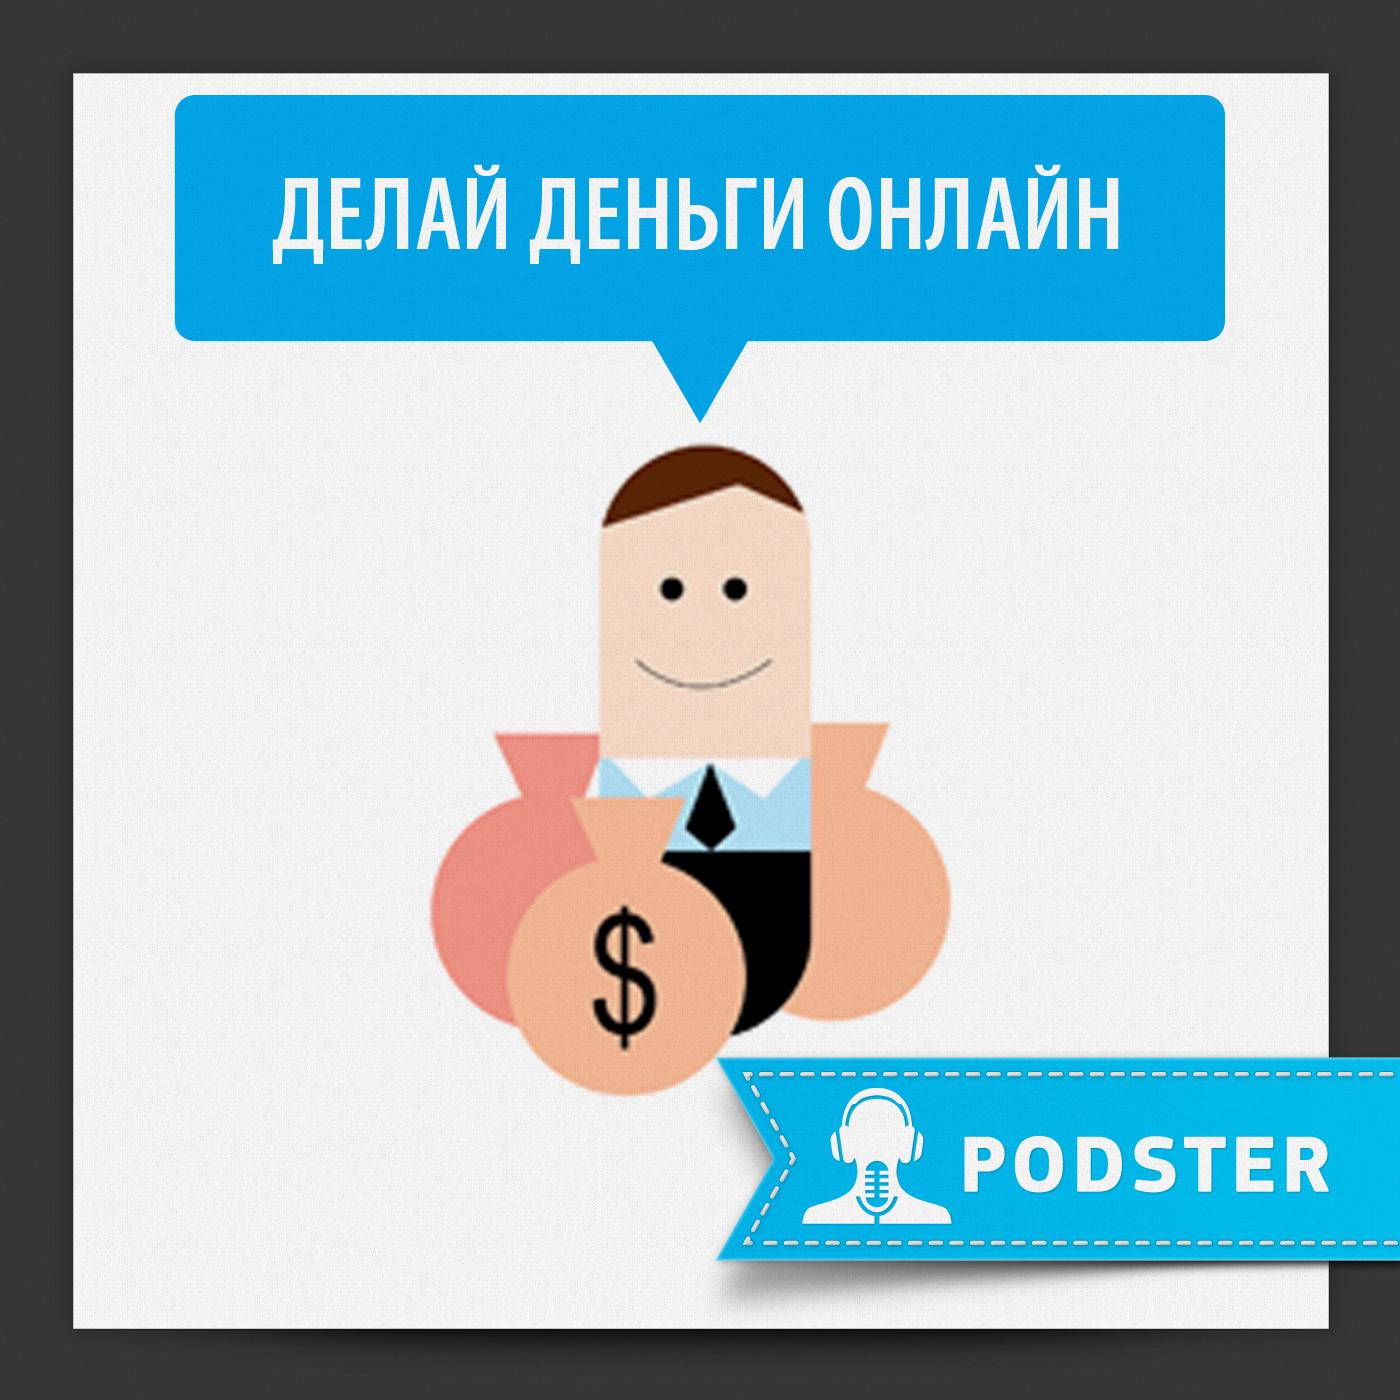 Делай деньги онлайн